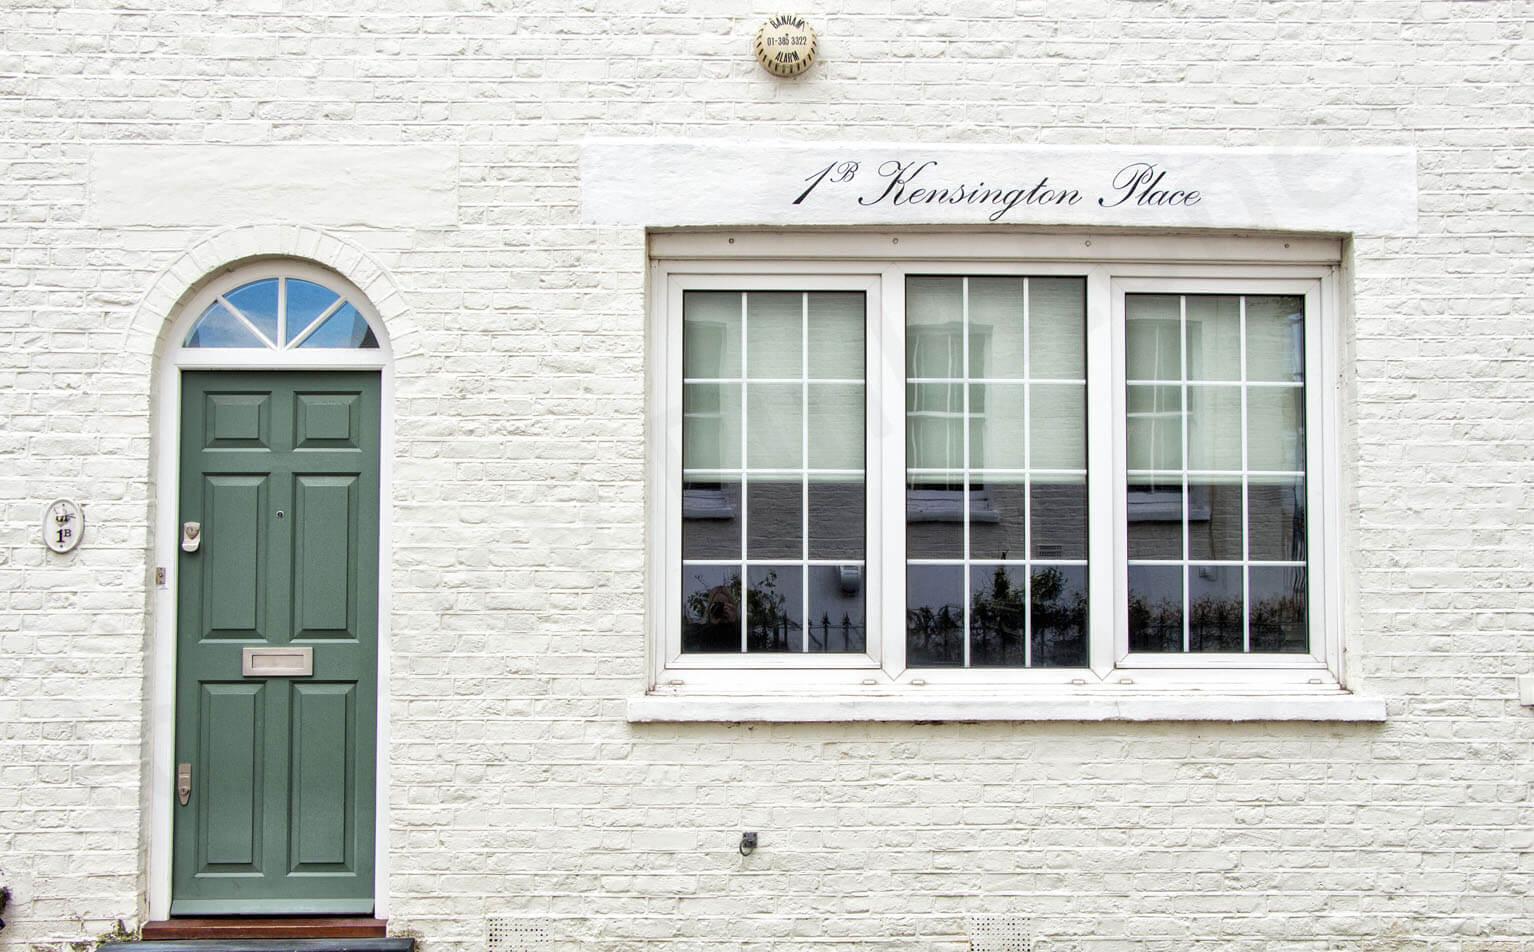 Kensington Place, Notting Hill, London